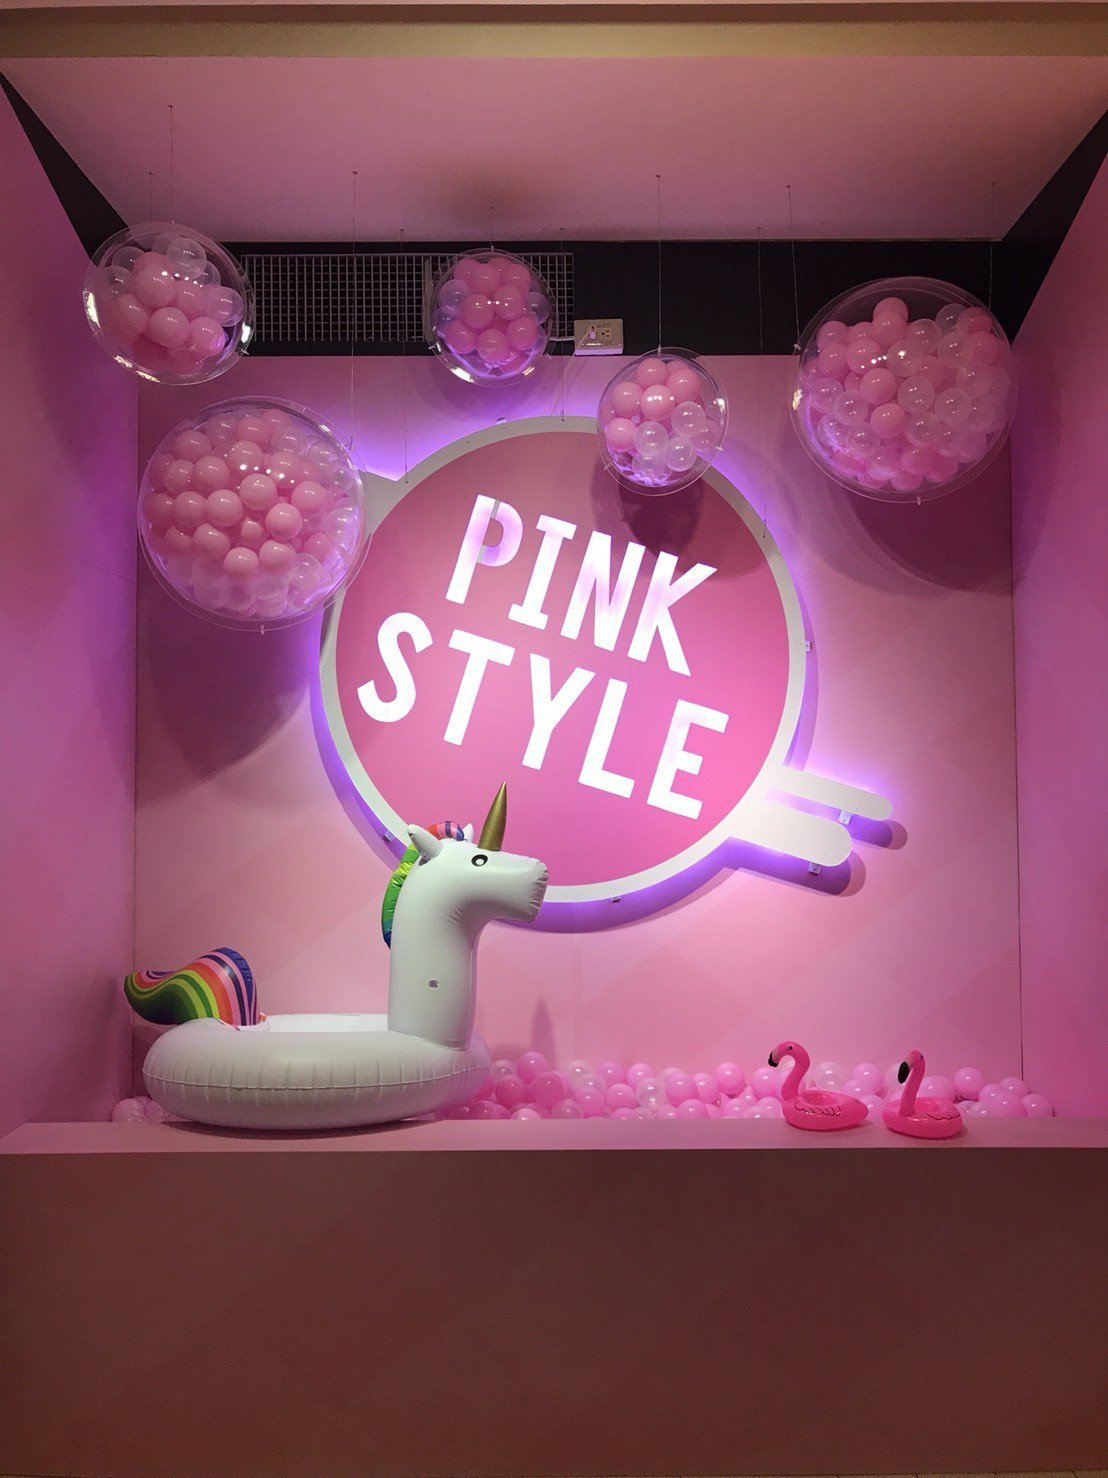 台中廣三SOGO百貨8樓規劃「獨角獸居住的粉紅夢幻球池」。圖/台中廣三SOGO提...